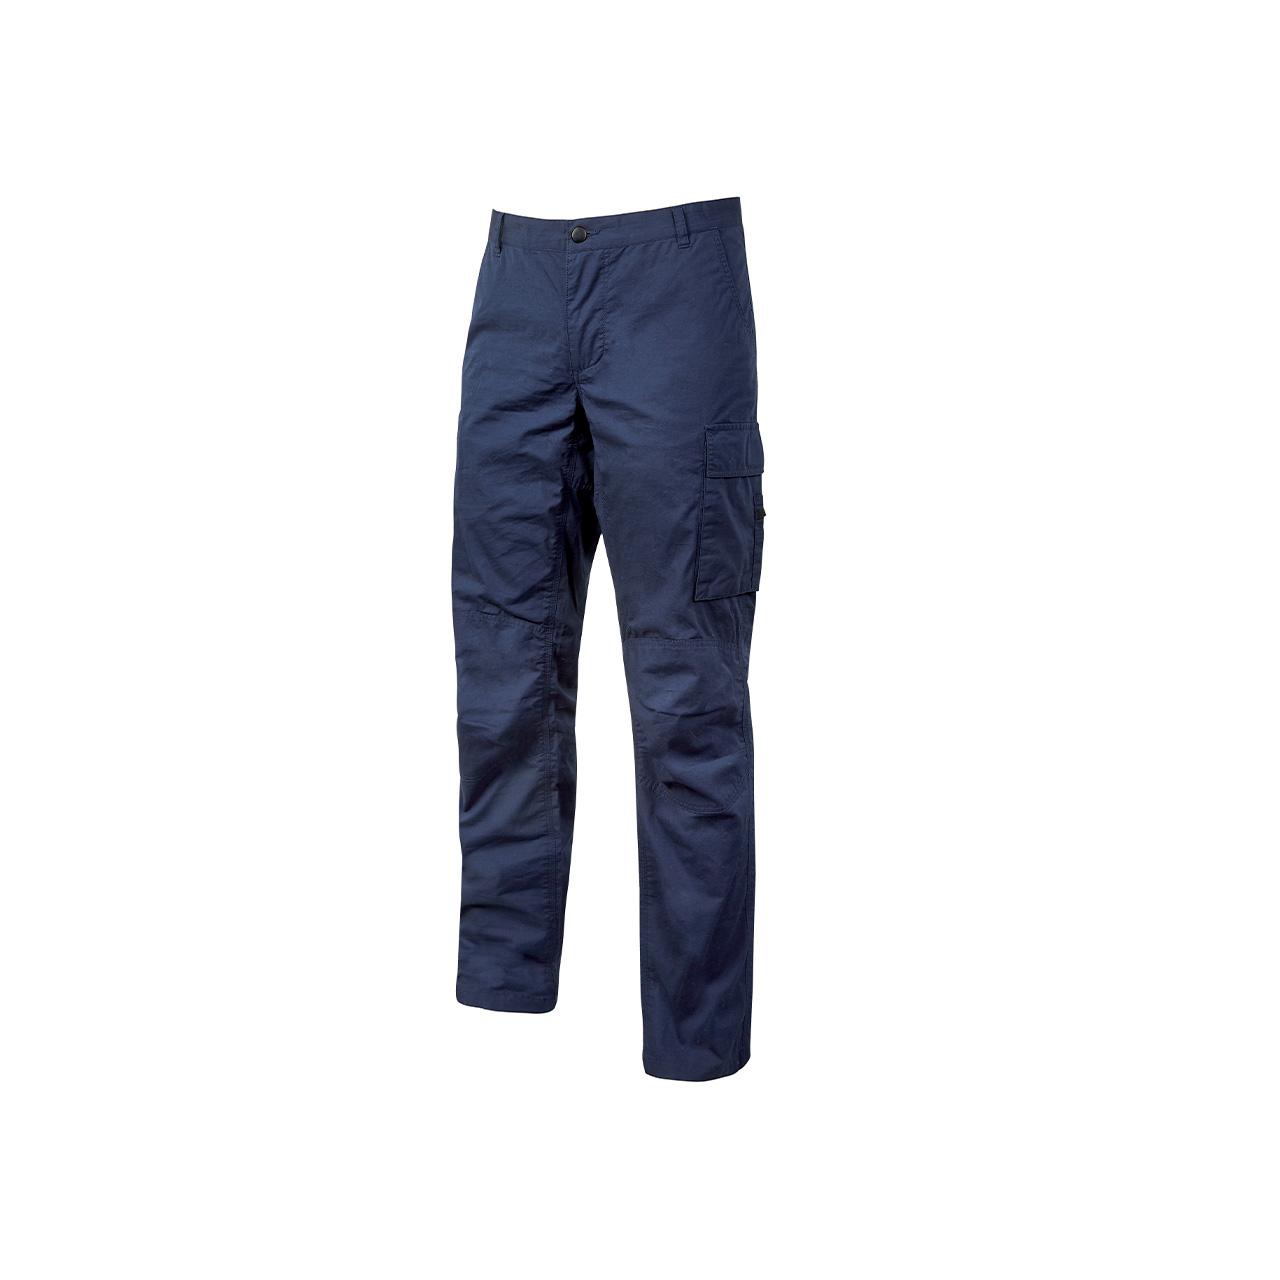 Pantalone Lungo da Lavoro Estivo UPower Modello Ocean